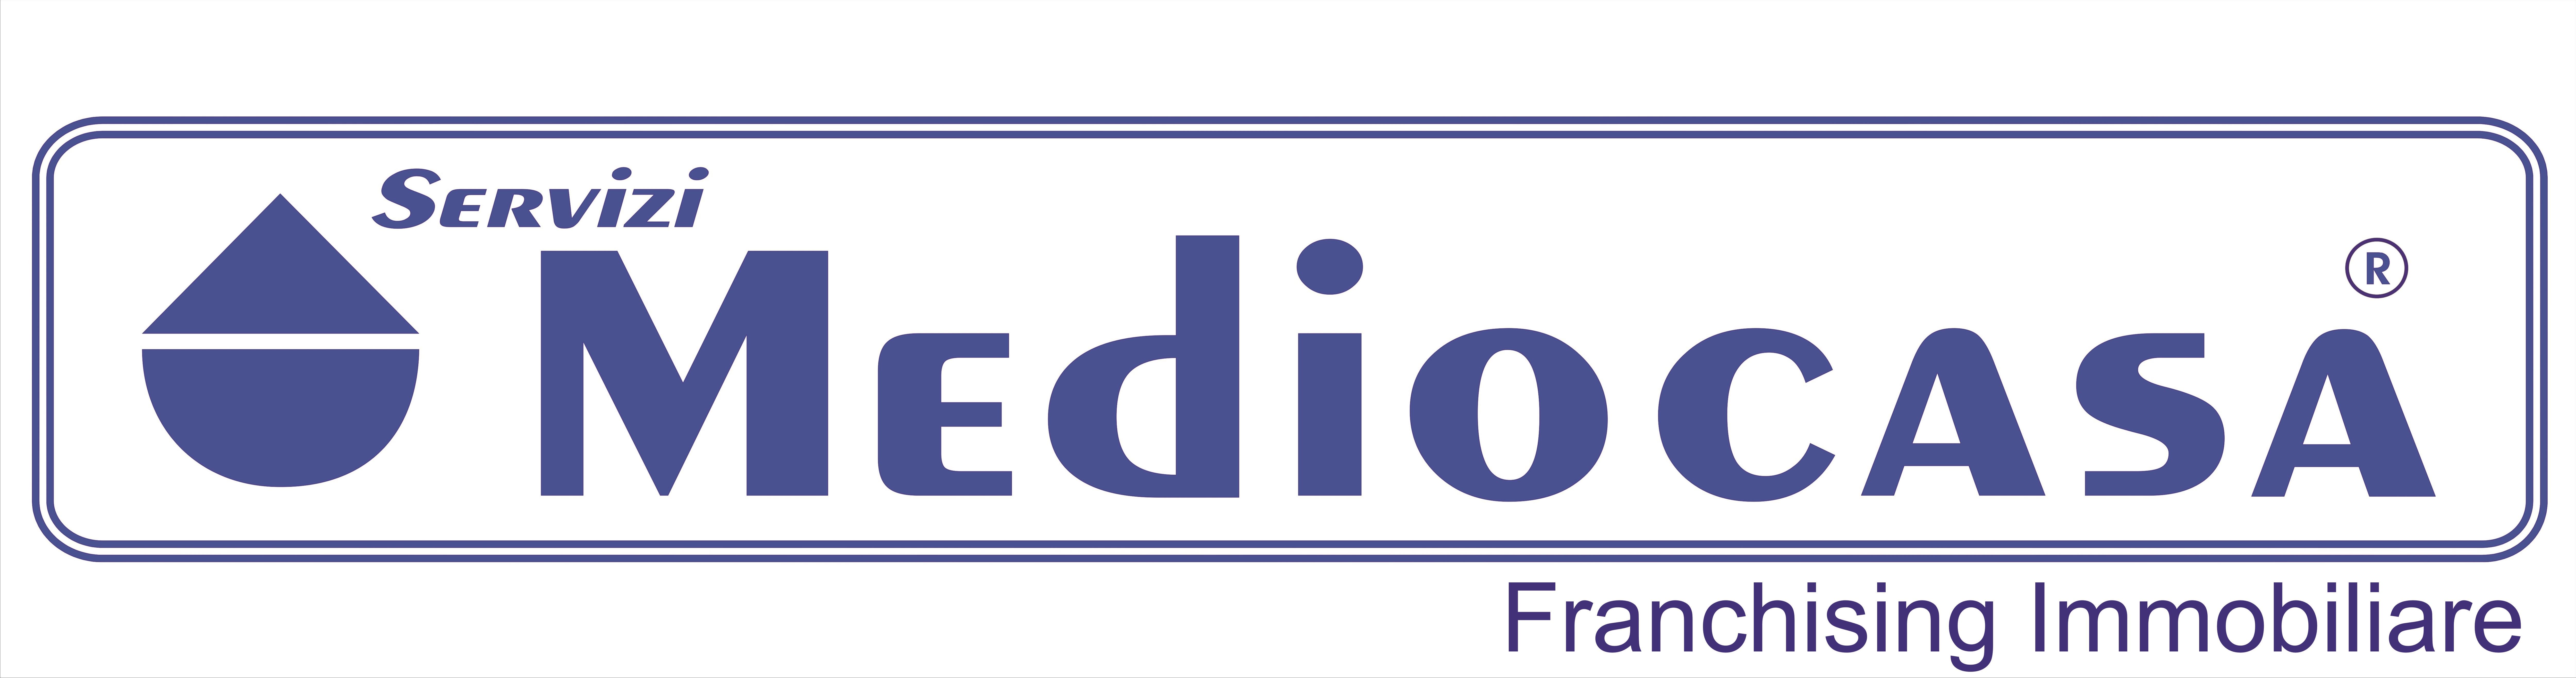 marchio_mediocasa_jpeg_alta-risoluzione